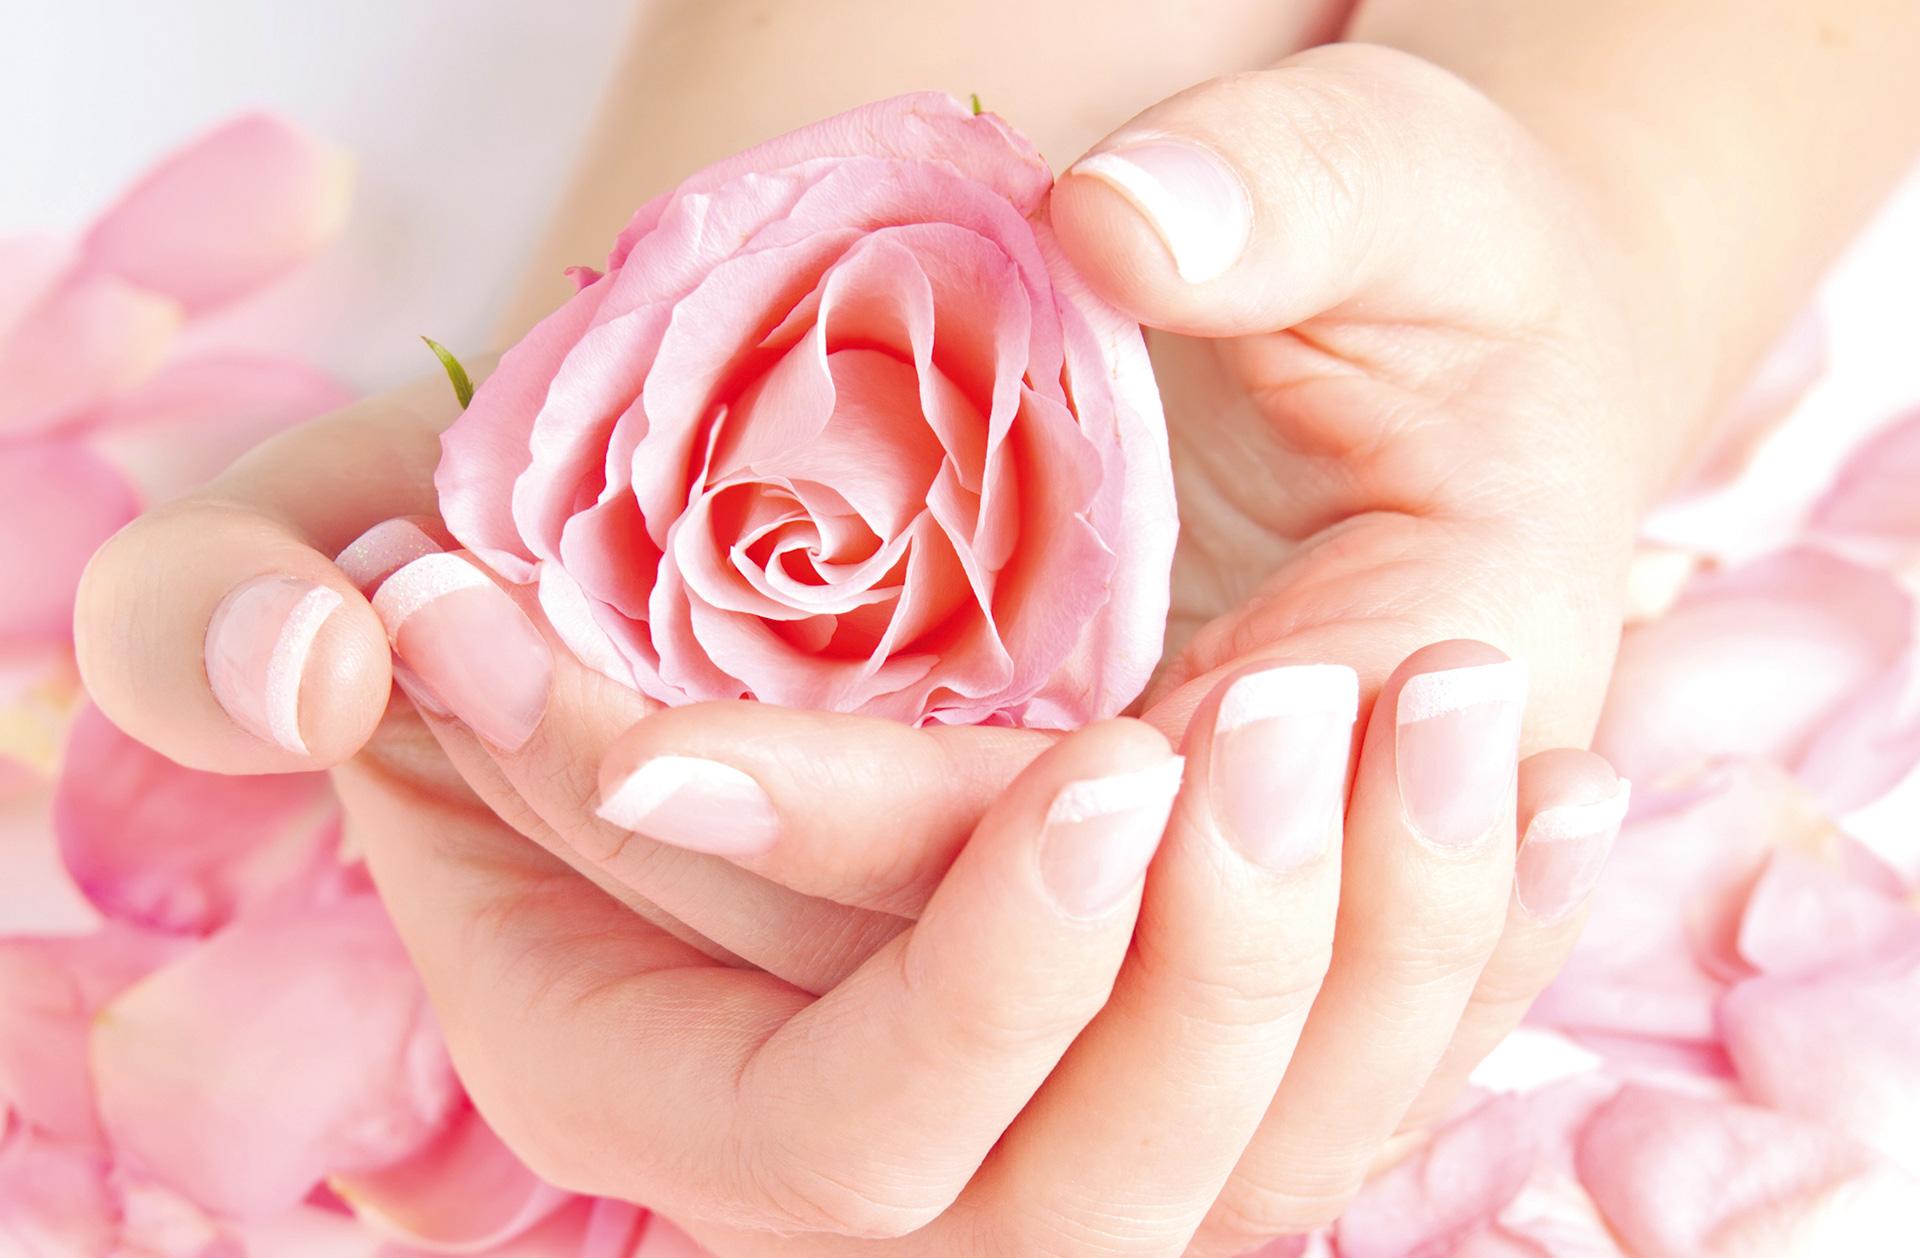 Hände mit French lackierten Fingernägel halten eine rosa Rose. Rosenblätter liegen unter den Händen